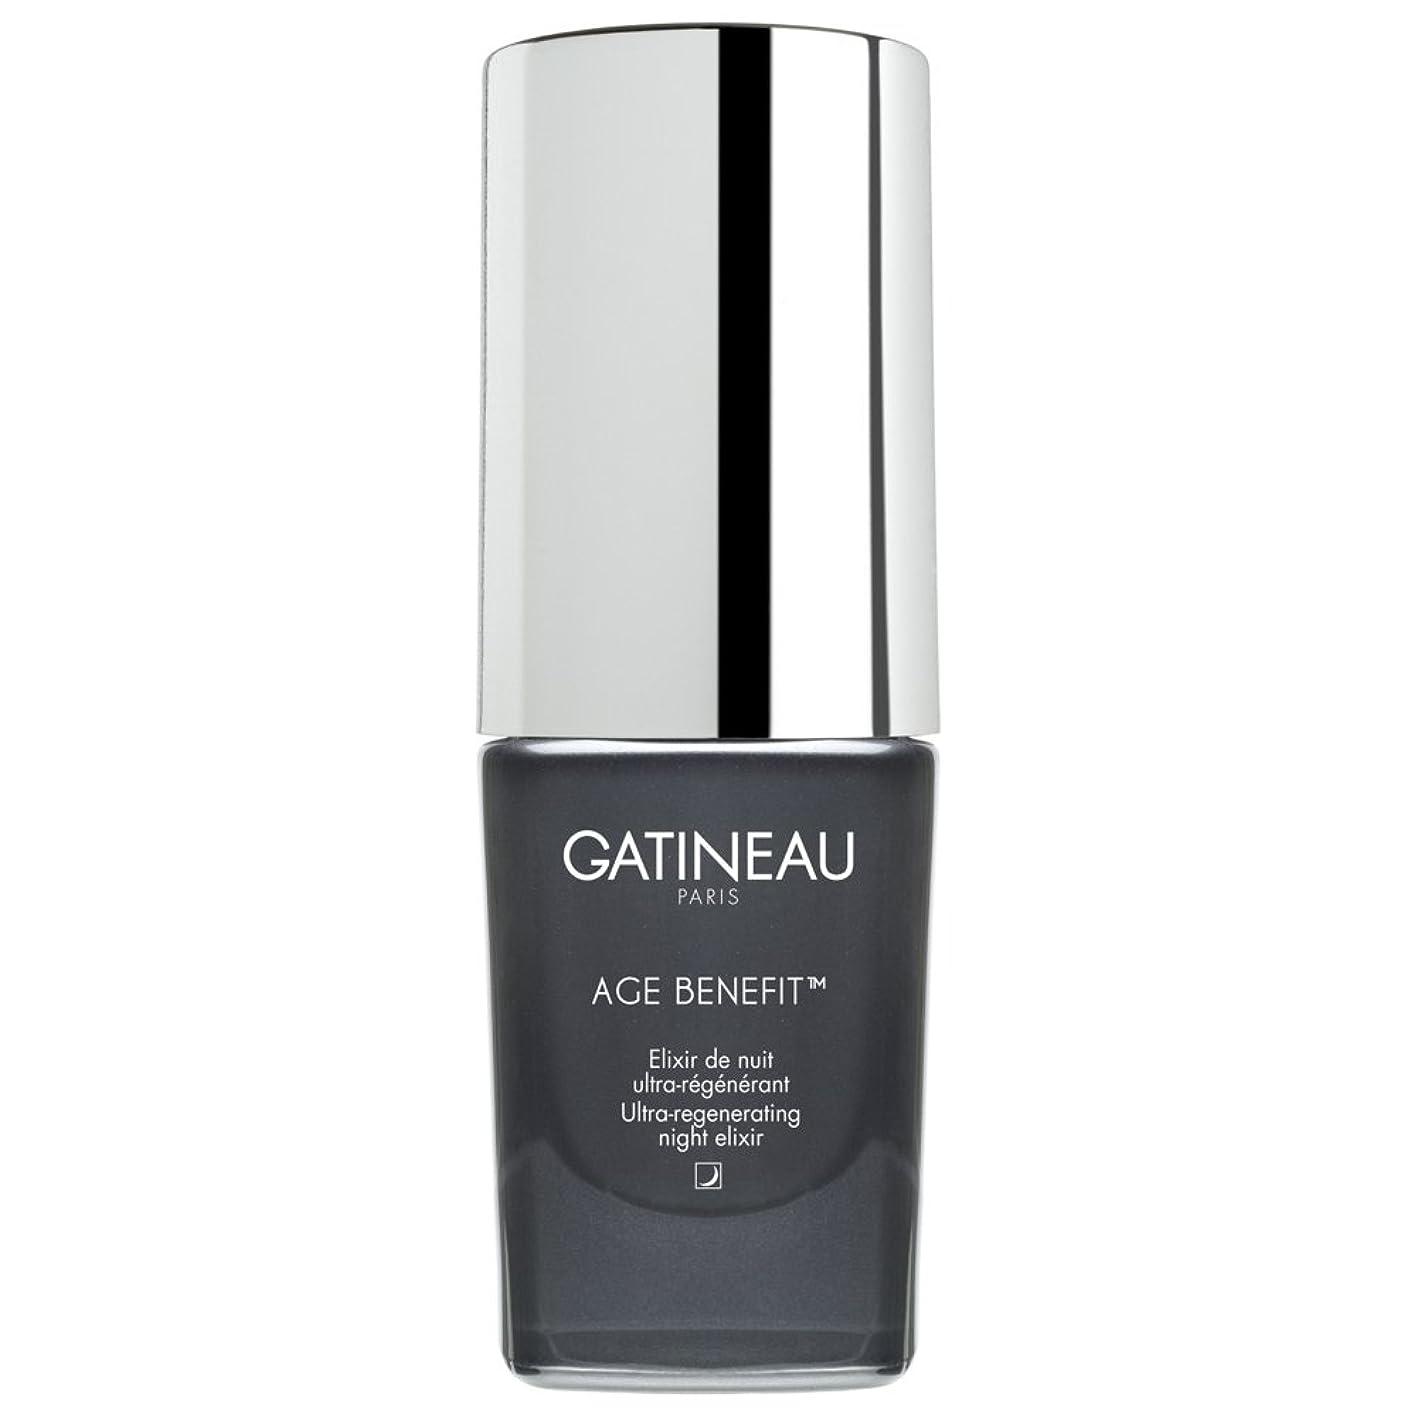 集中パターン請求ガティノー年齢給付超再生夜のエリクシルの15ミリリットル (Gatineau) (x2) - Gatineau Age Benefit Ultra-Regenerating Night Elixir 15ml (Pack of 2) [並行輸入品]